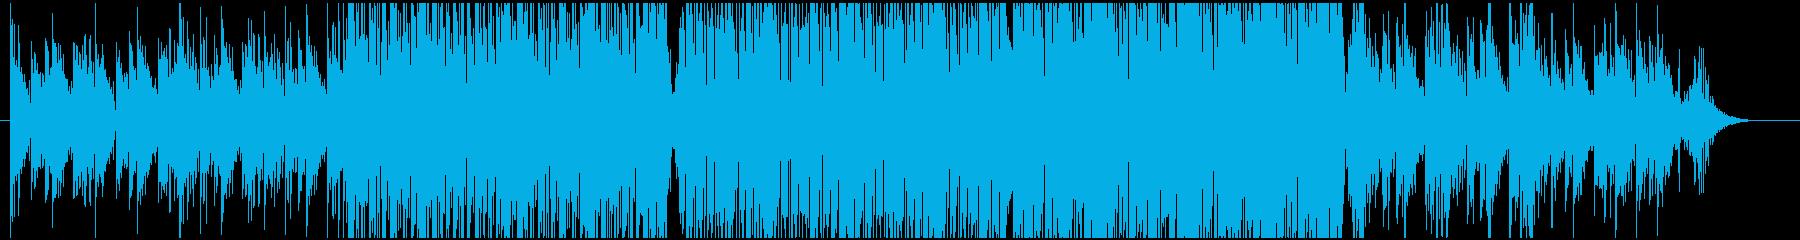 温かみのある2ステップの再生済みの波形